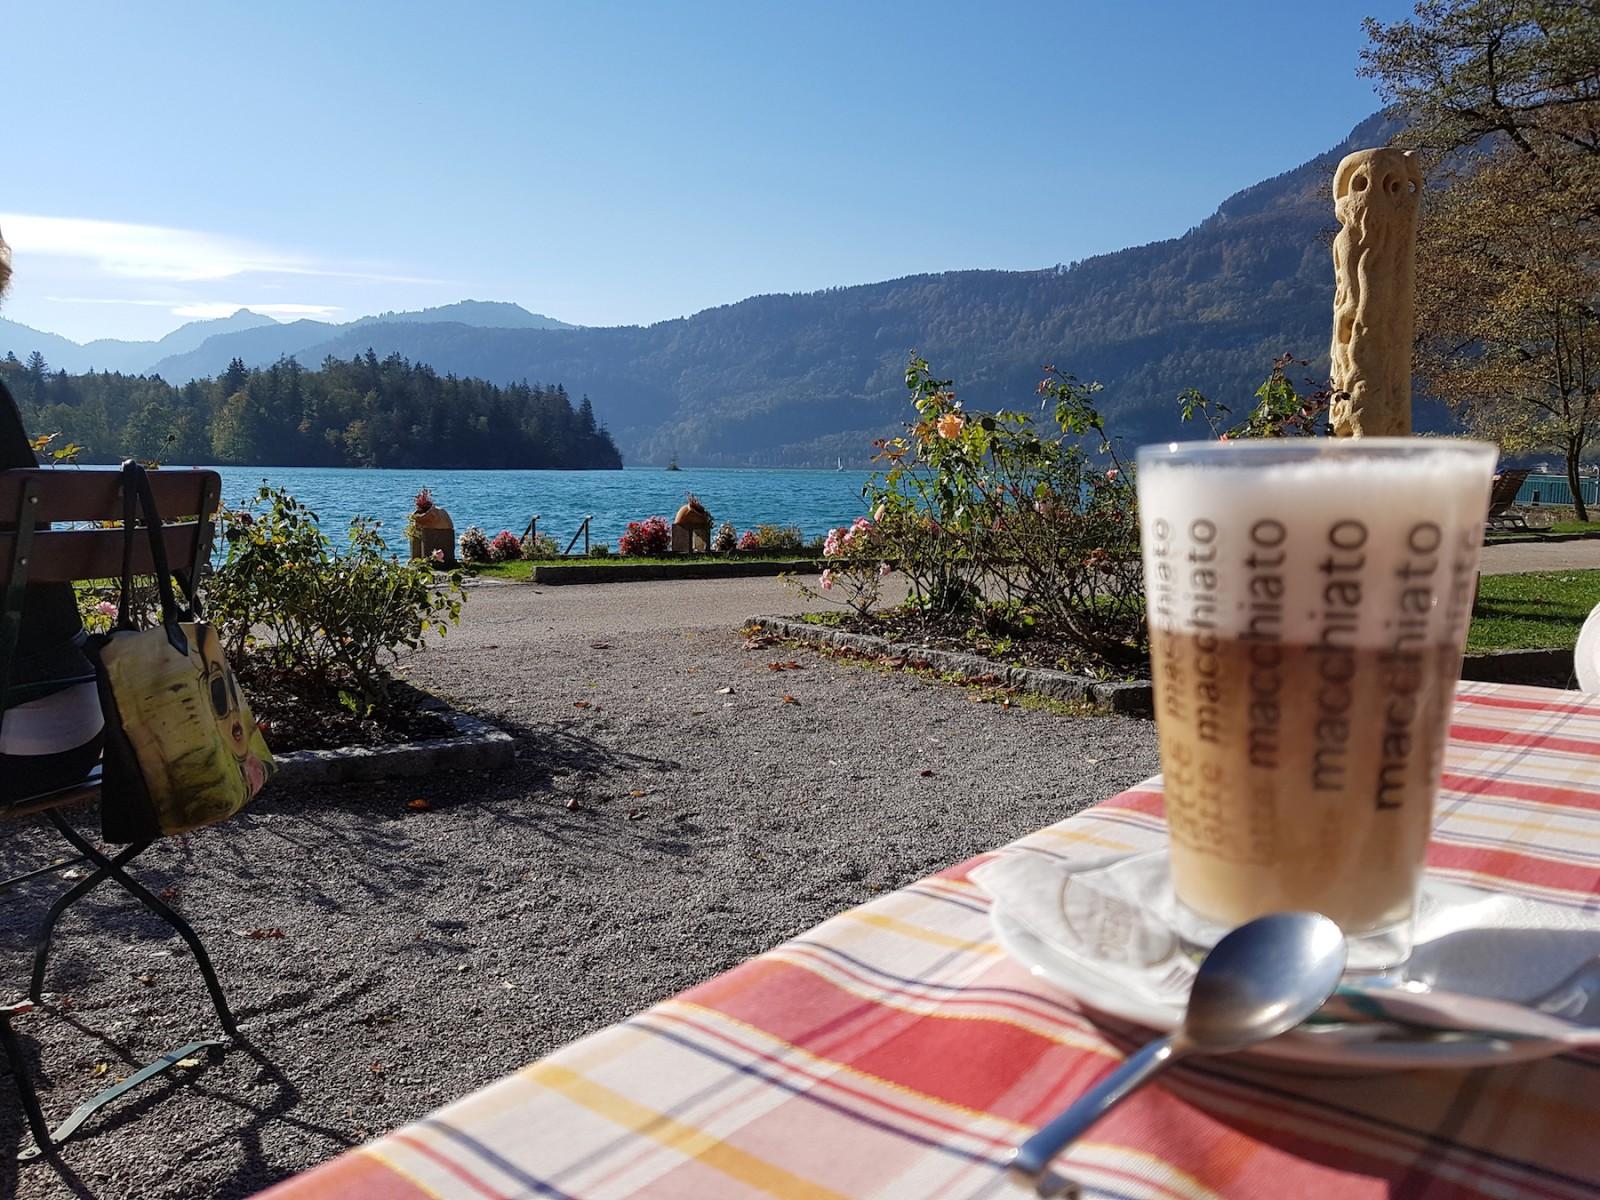 Hmmm... mit so einem Ausblick schmeckt der Kaffee gleich noch besser.